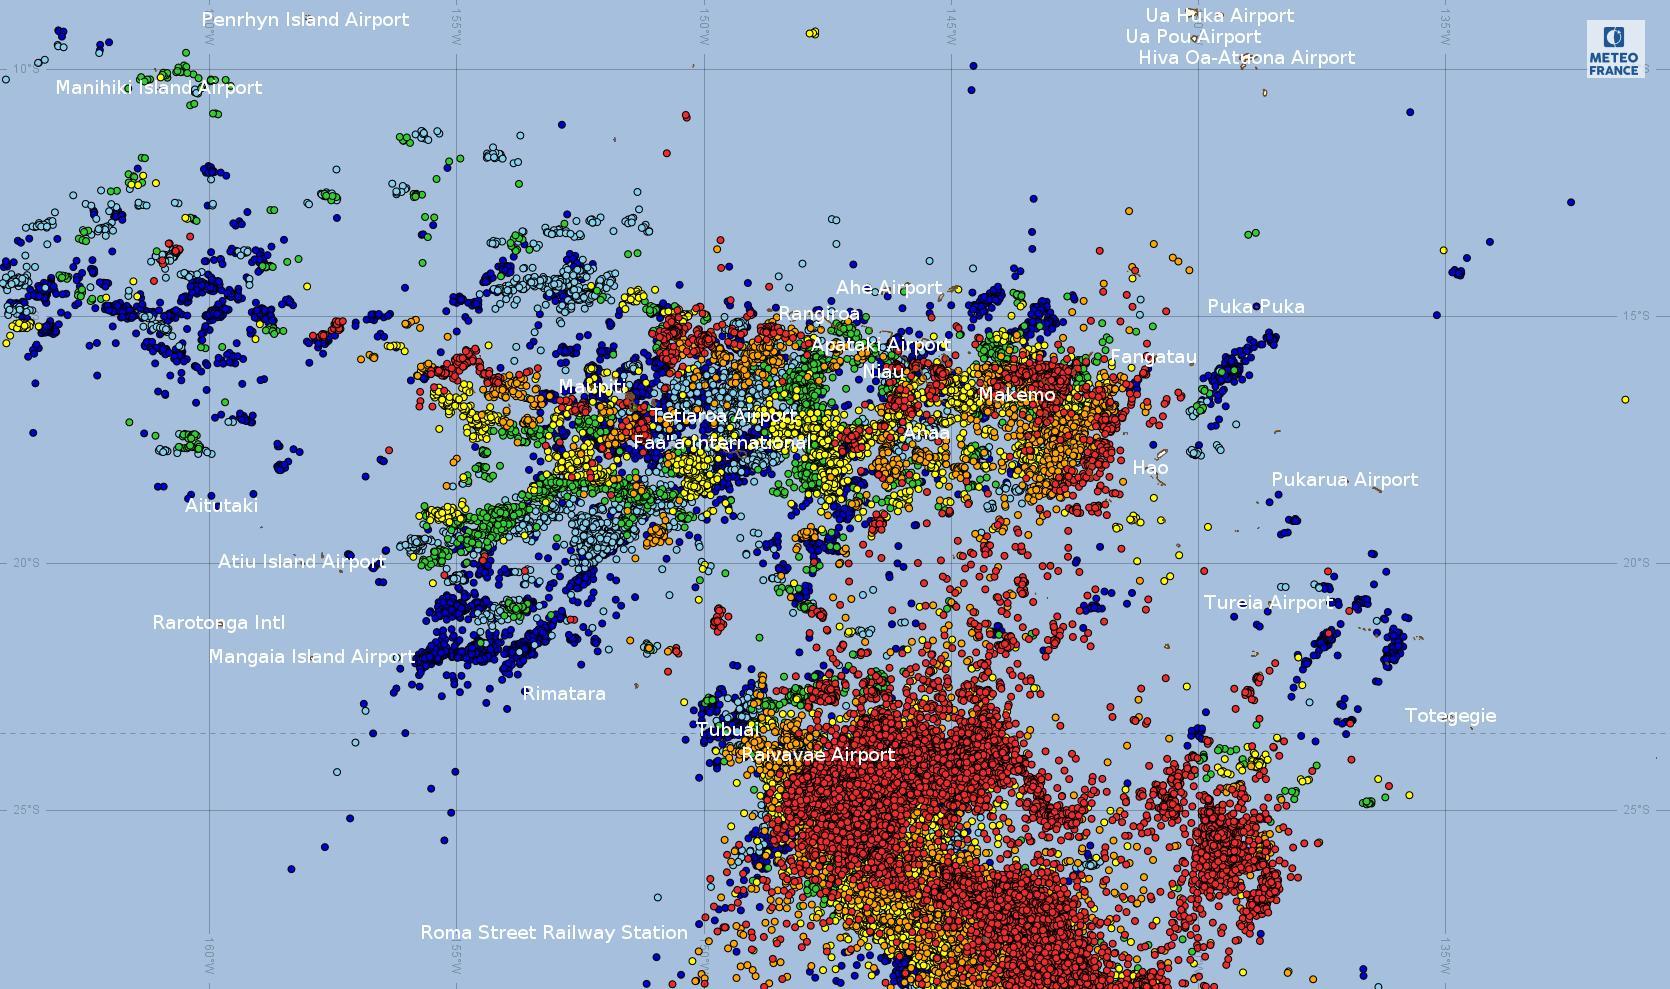 Impacts de foudre sur la Polynésie entre le 24 décembre à 14h et le 25 décembre 2018 à 14h (source :WWLLN)